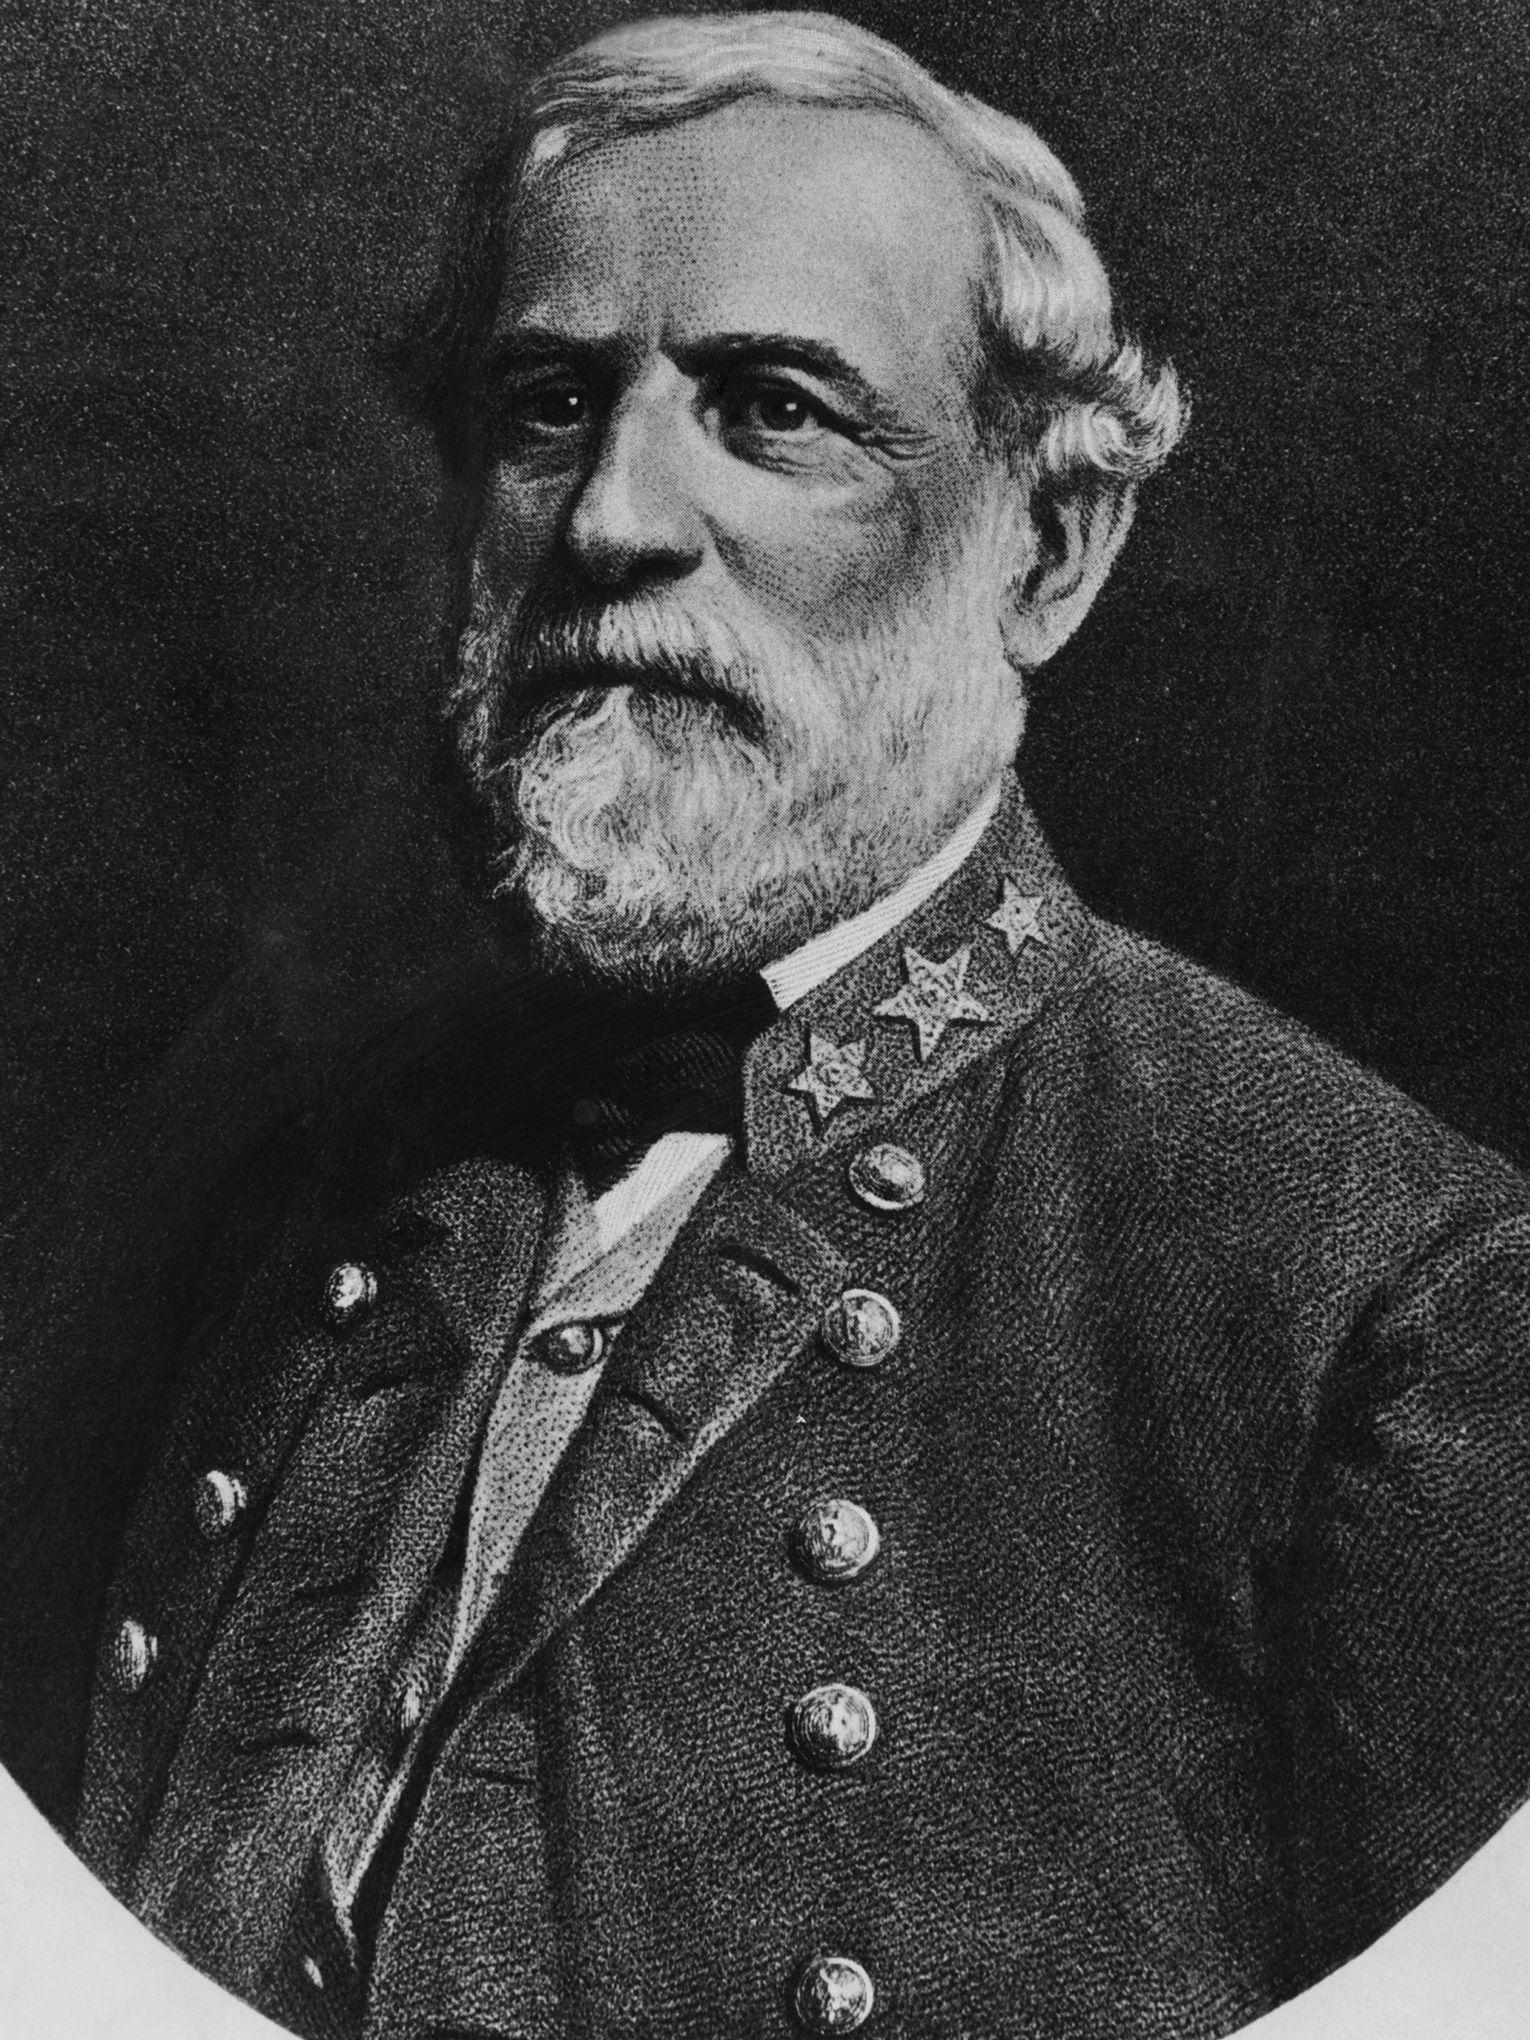 lee général sudiste